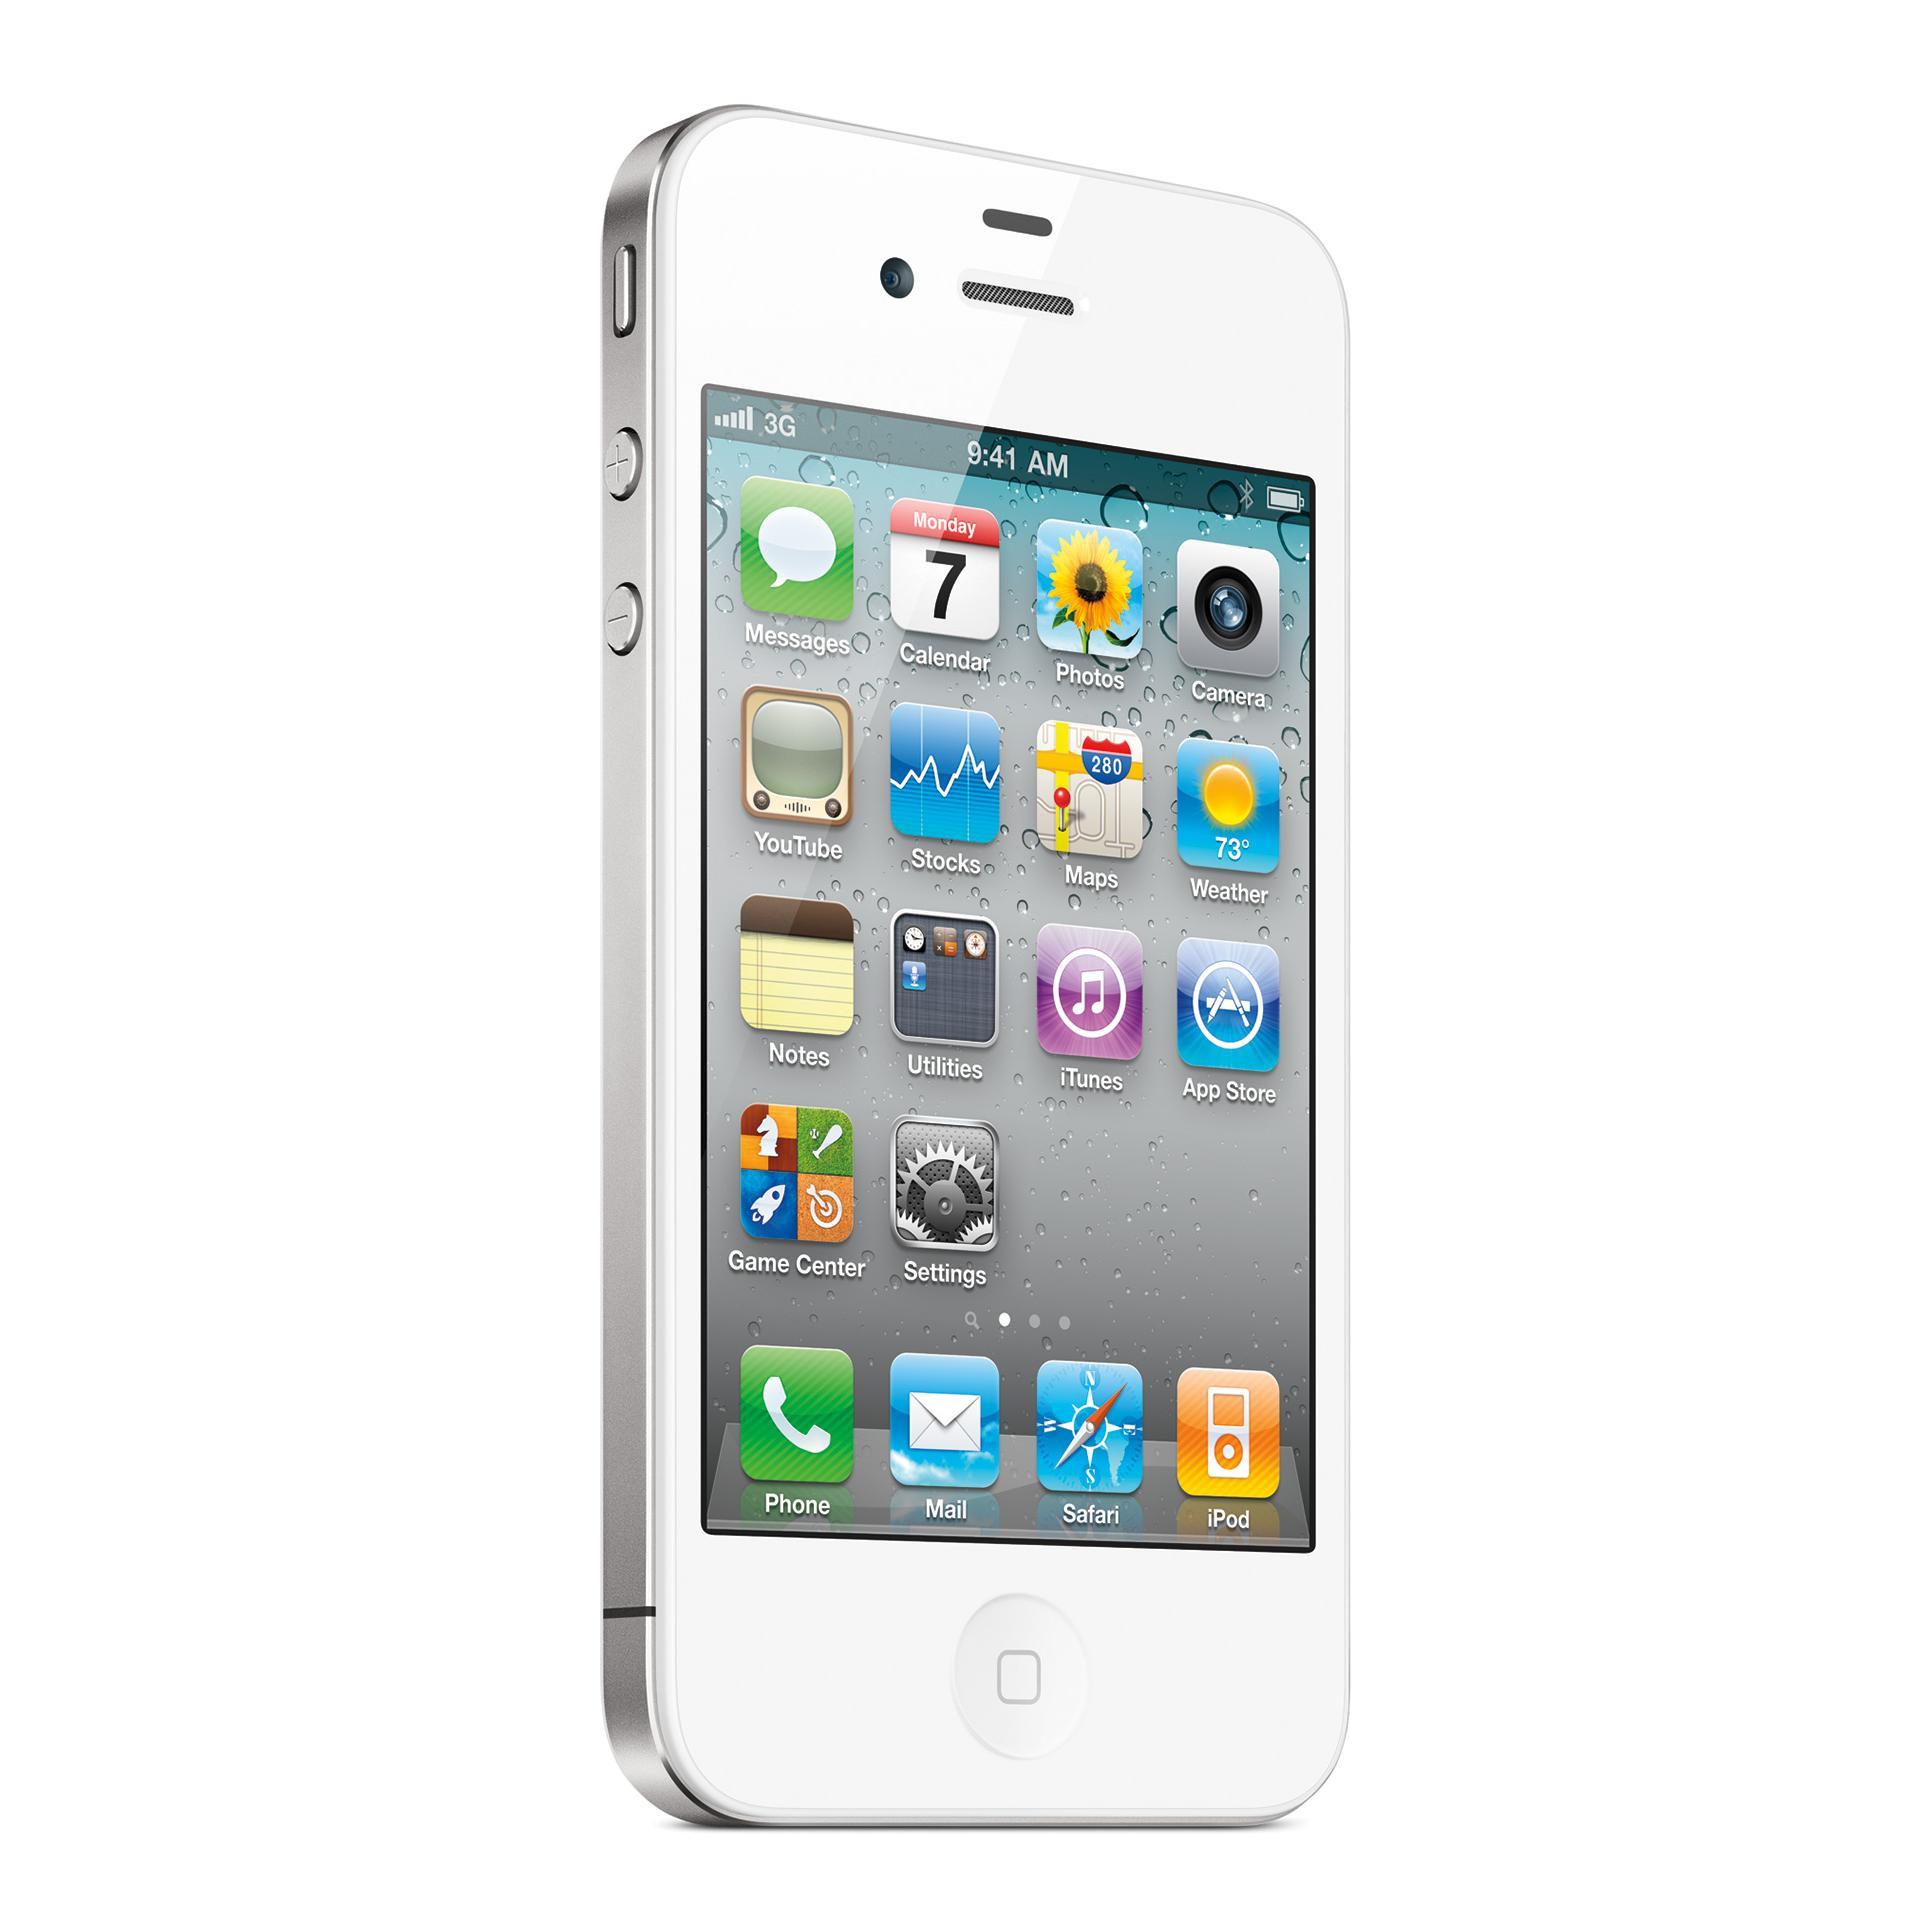 iPhone 4S 8 Go - Blanc - Débloqué